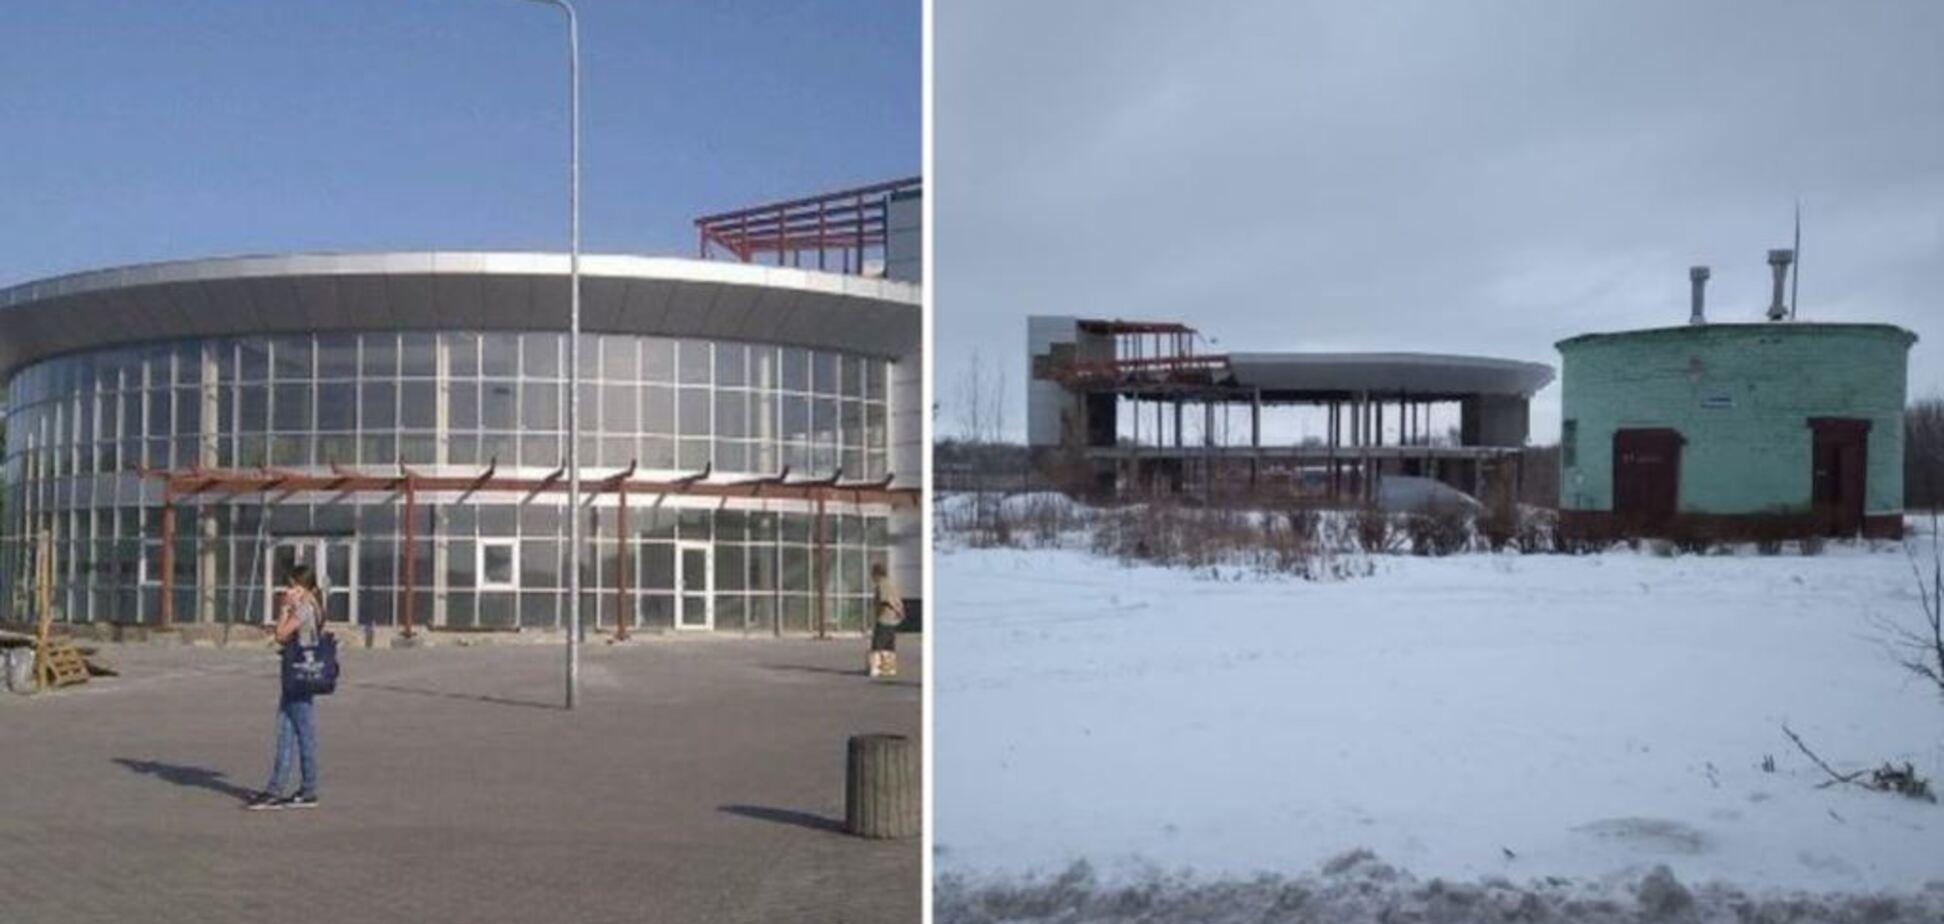 Зруйнований і порожній: з'явилися показові фото передноворічного Донецька